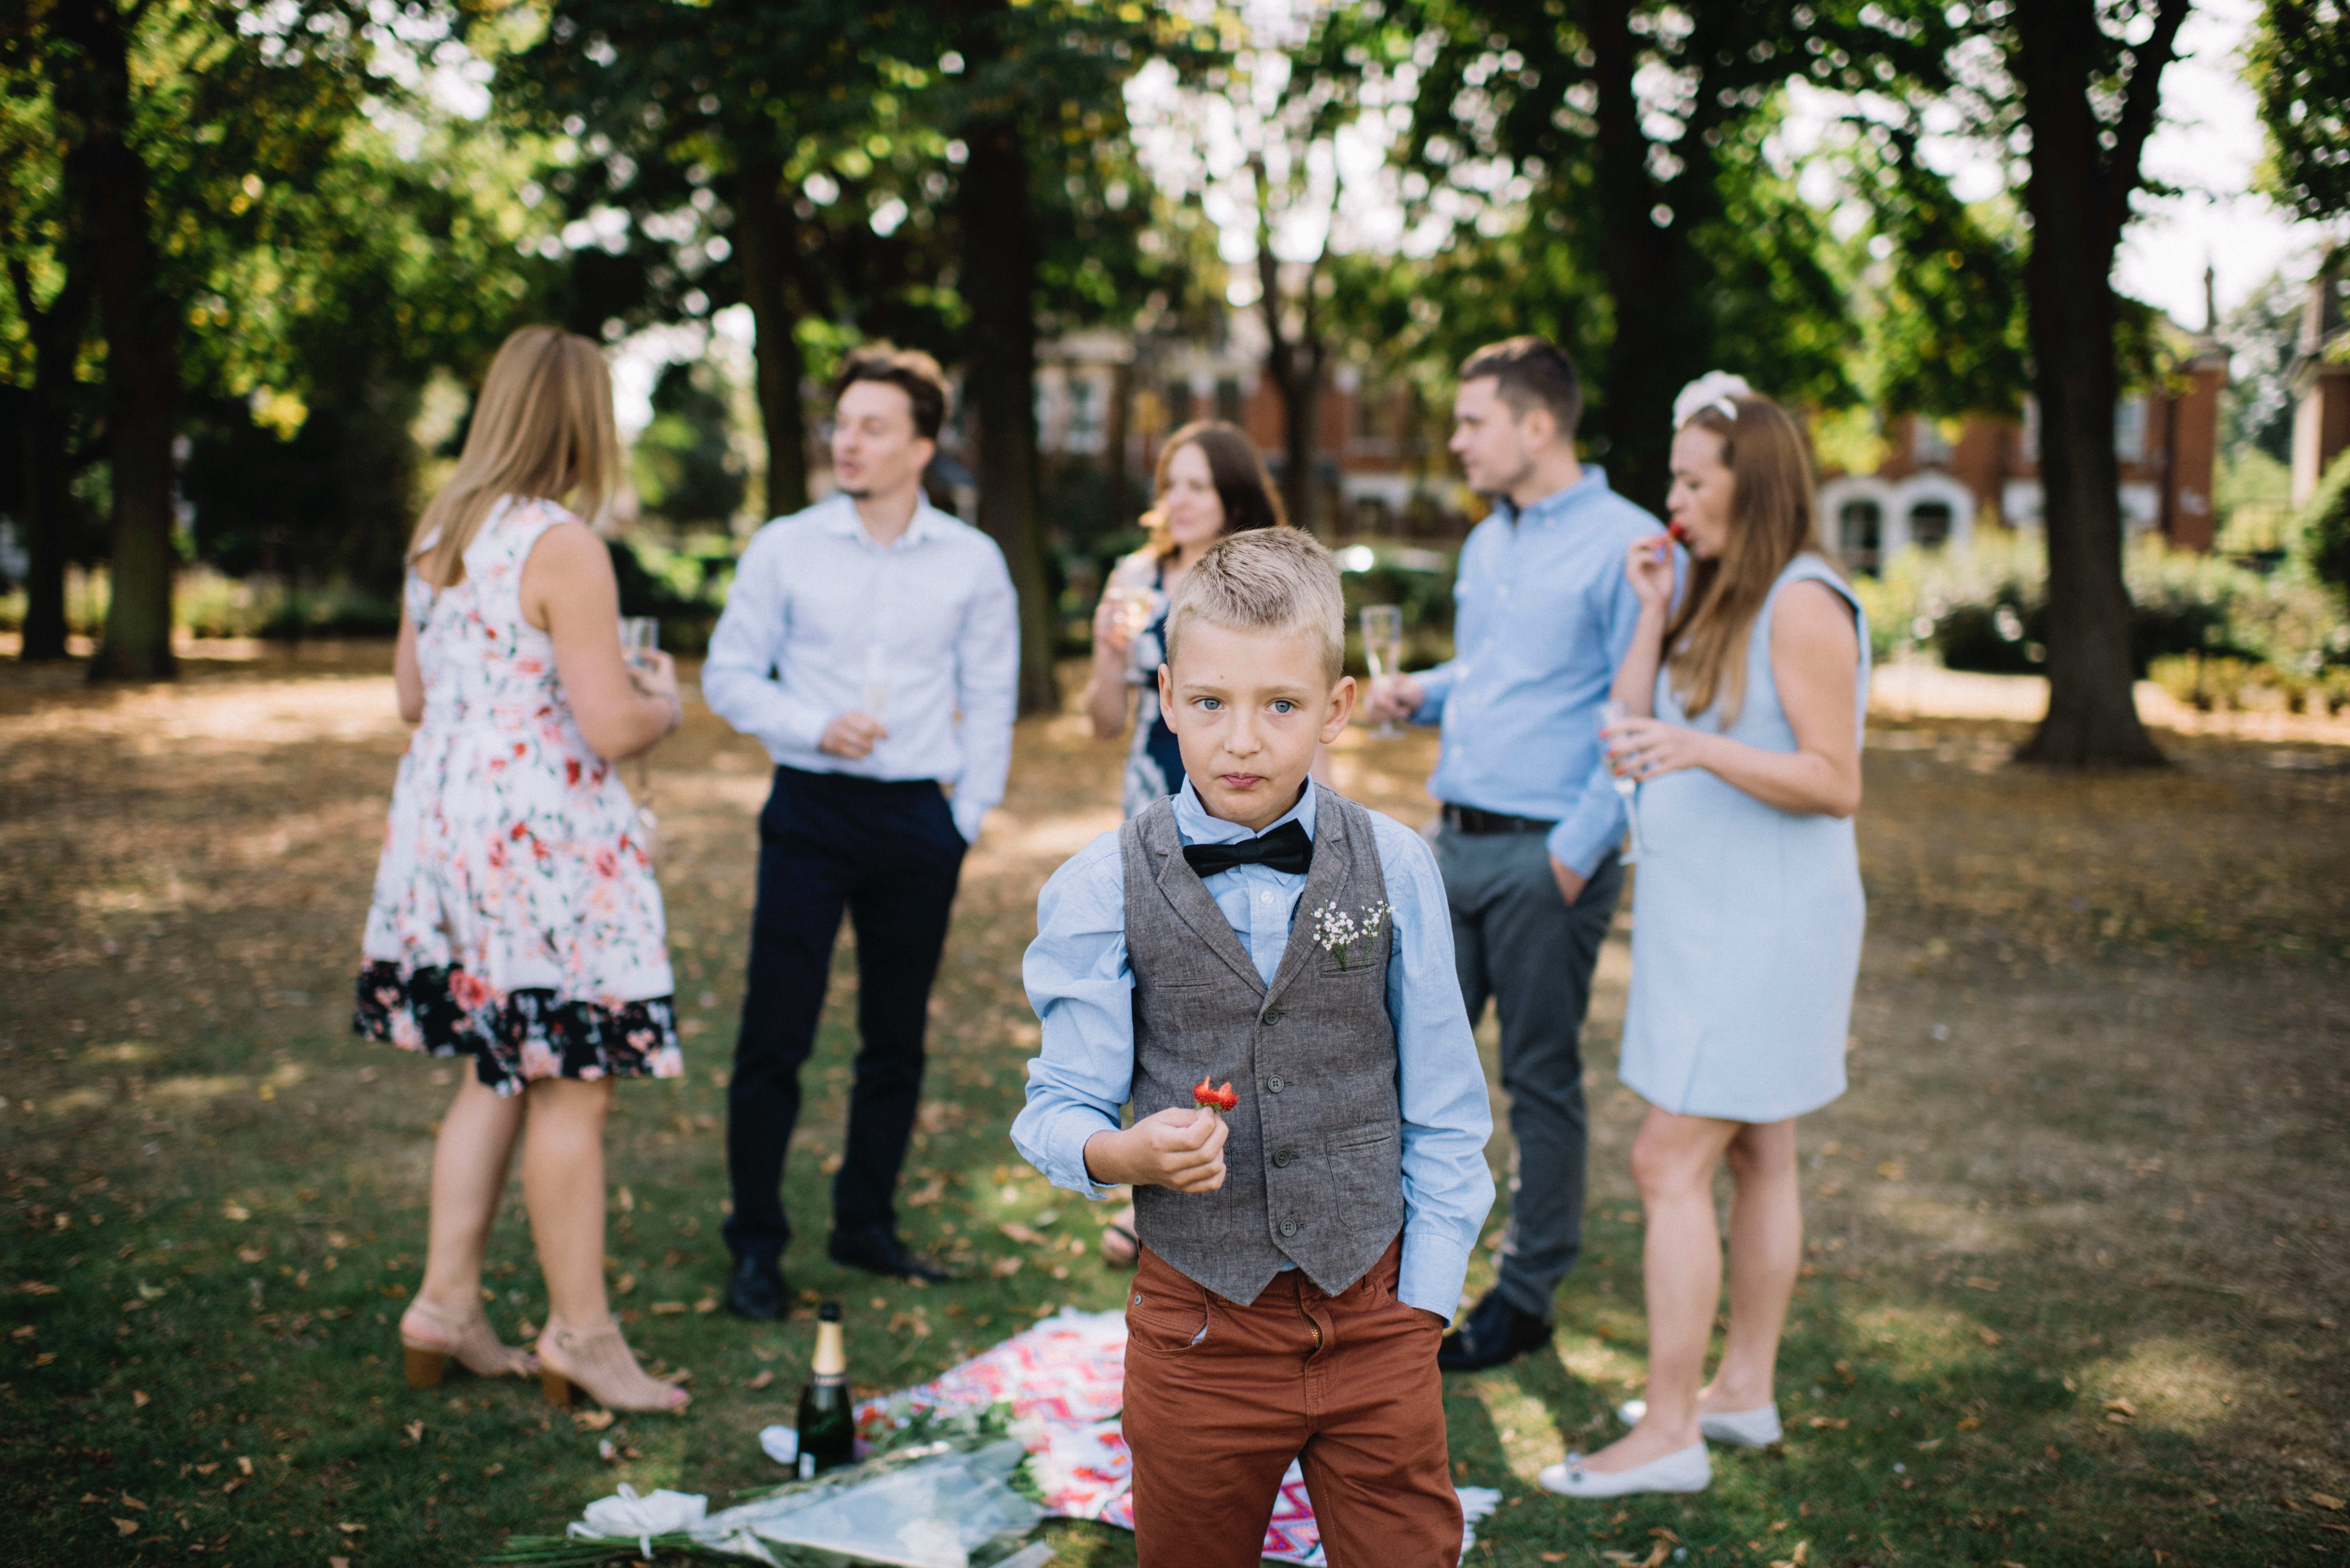 Lasst eure Kinder bei der nächsten Hochzeit gefälligst zu Hause ...